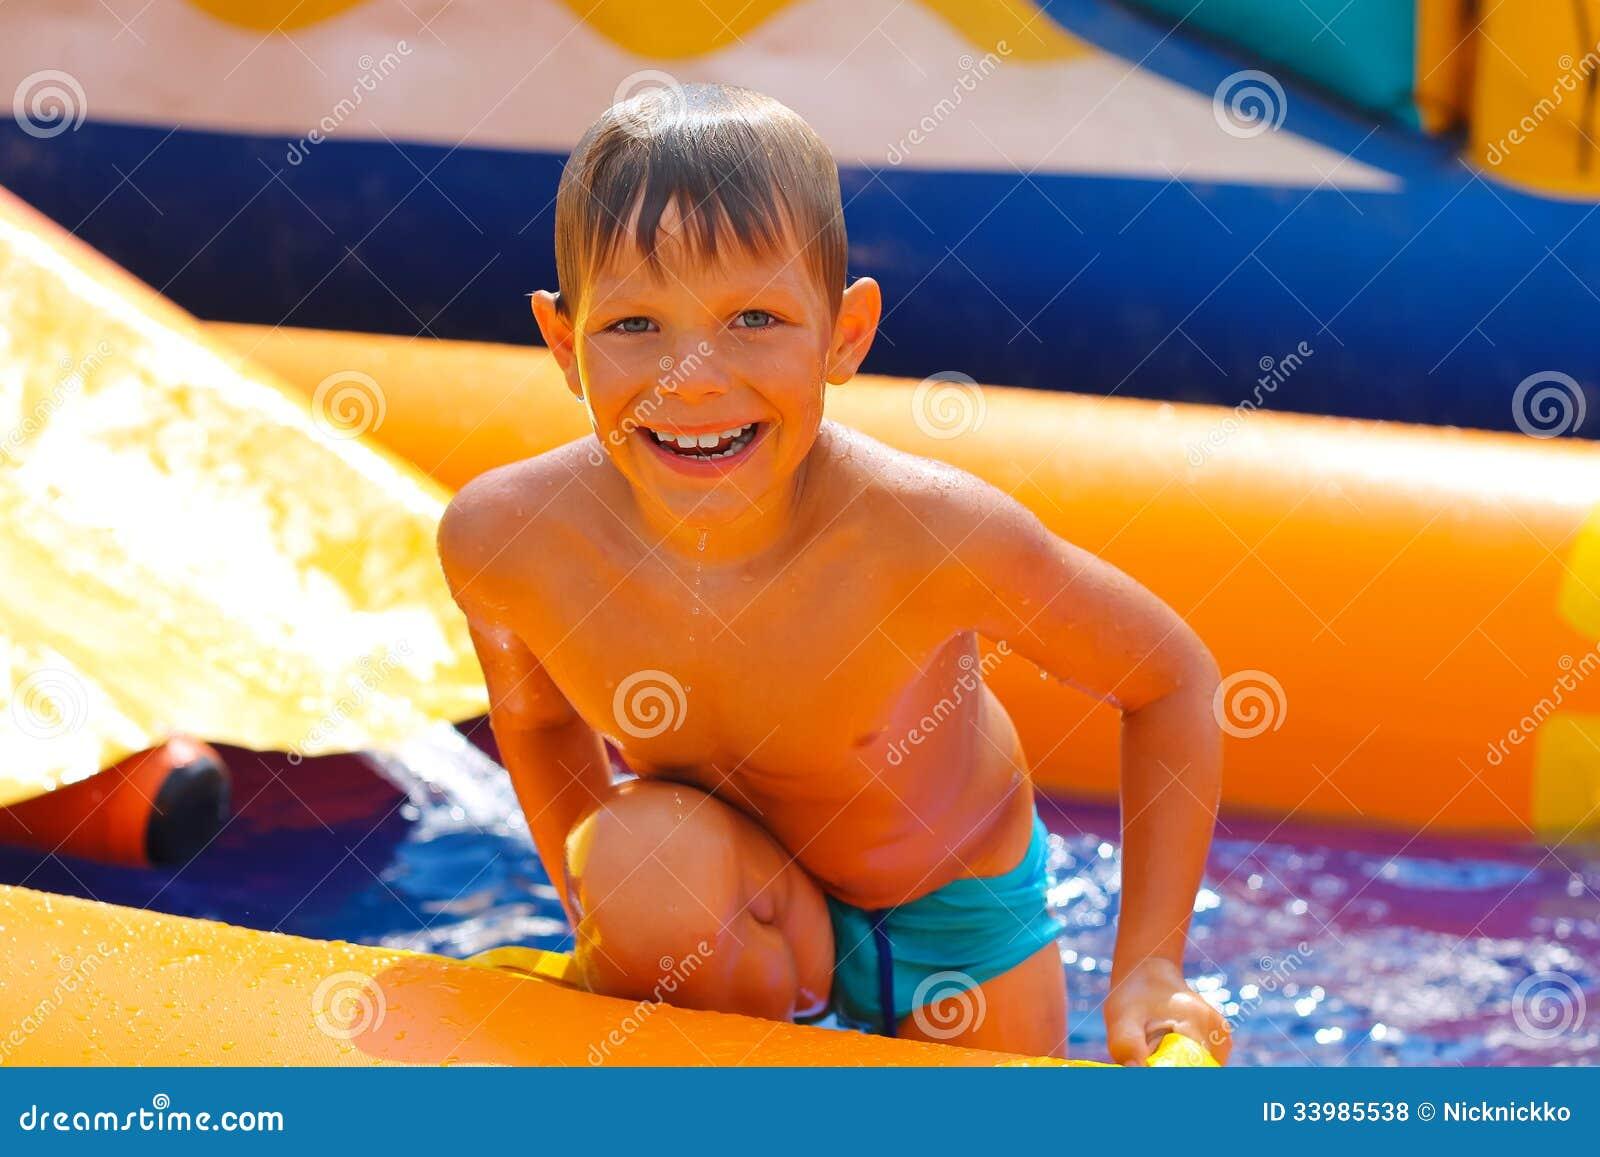 Lächelnder Junge im Wasser